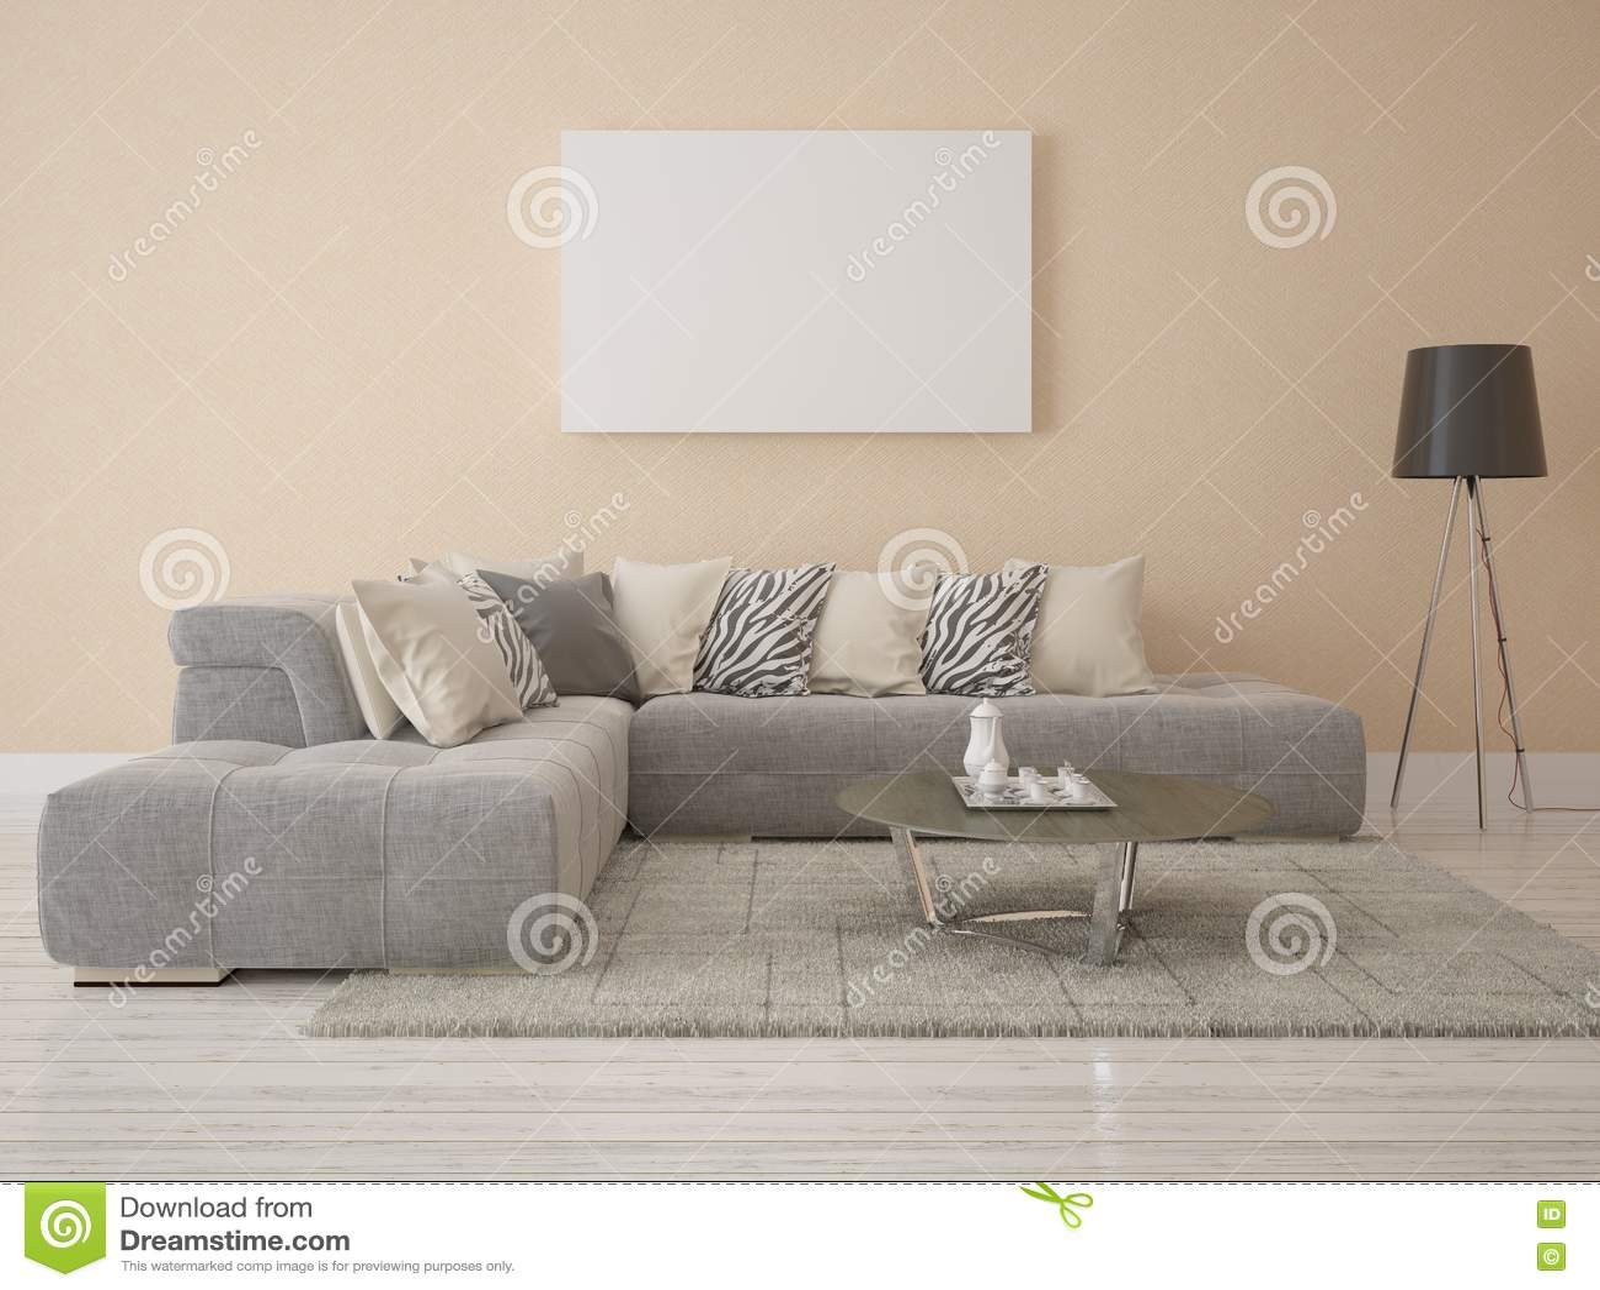 https://thumbs.dreamstime.com/z/hoekbank-een-moderne-woonkamer-77482729.jpg